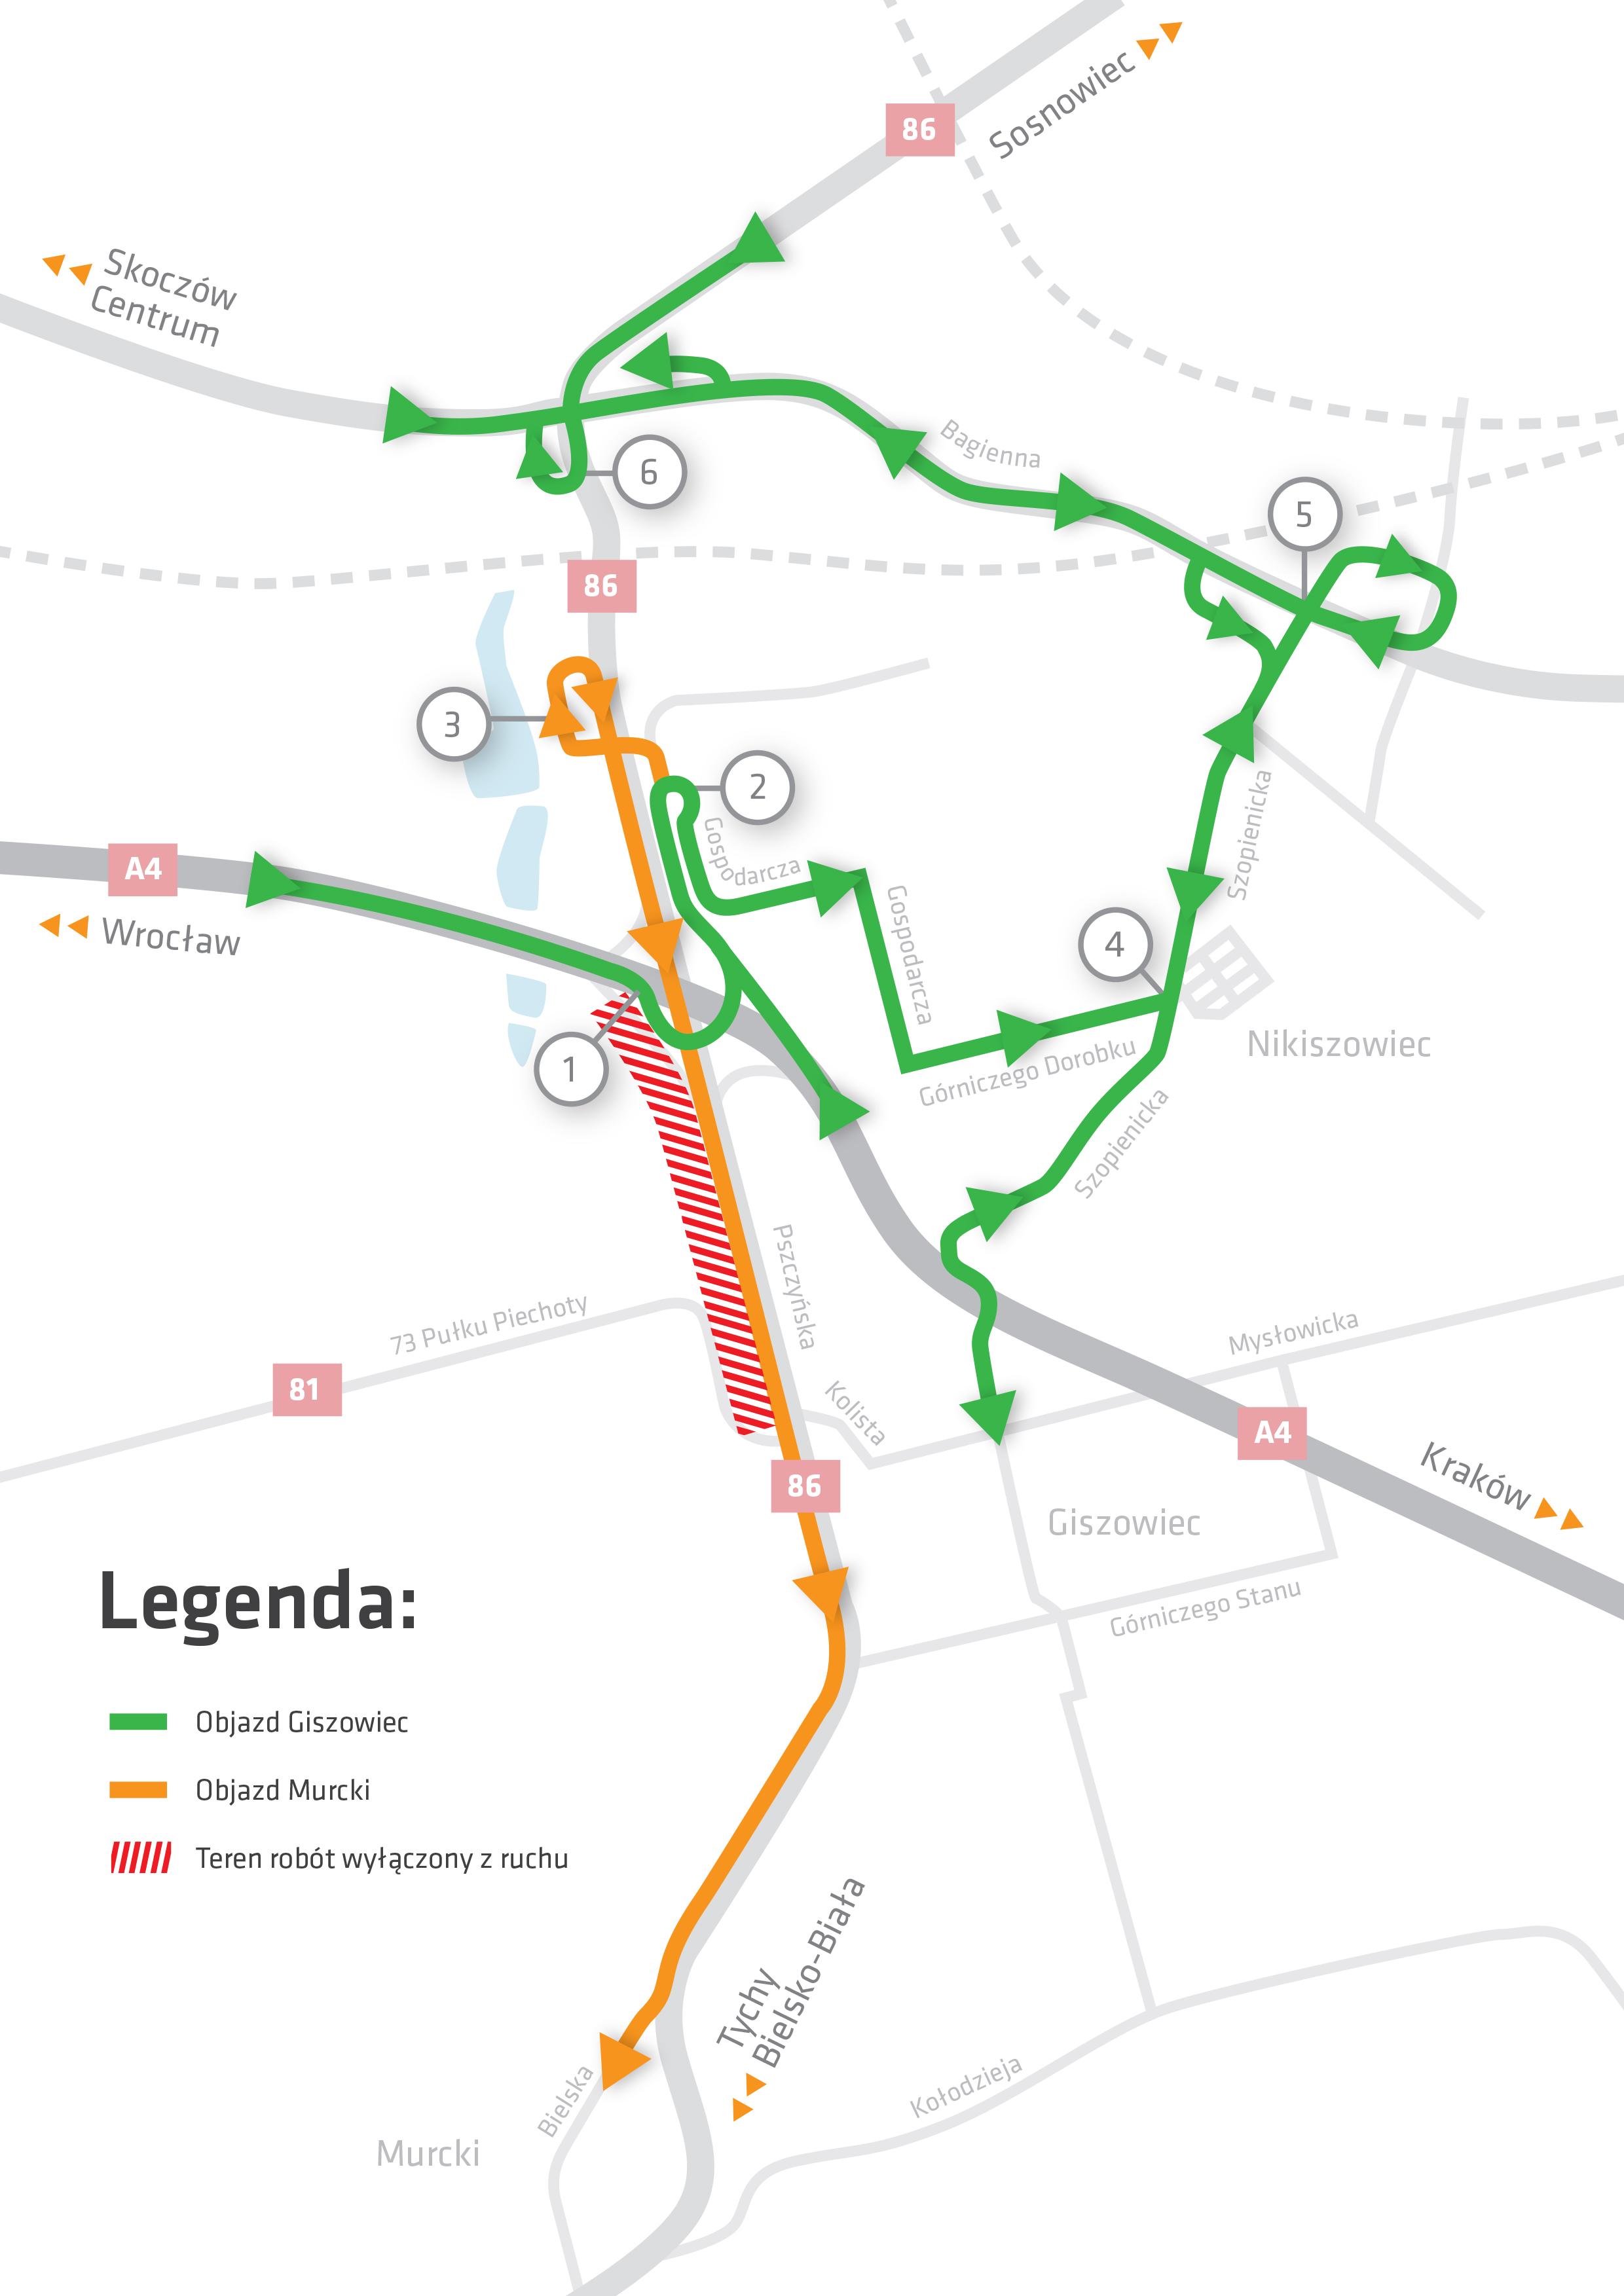 Proponowane warianty trasy omijające remont (źródło: UM Katowice)